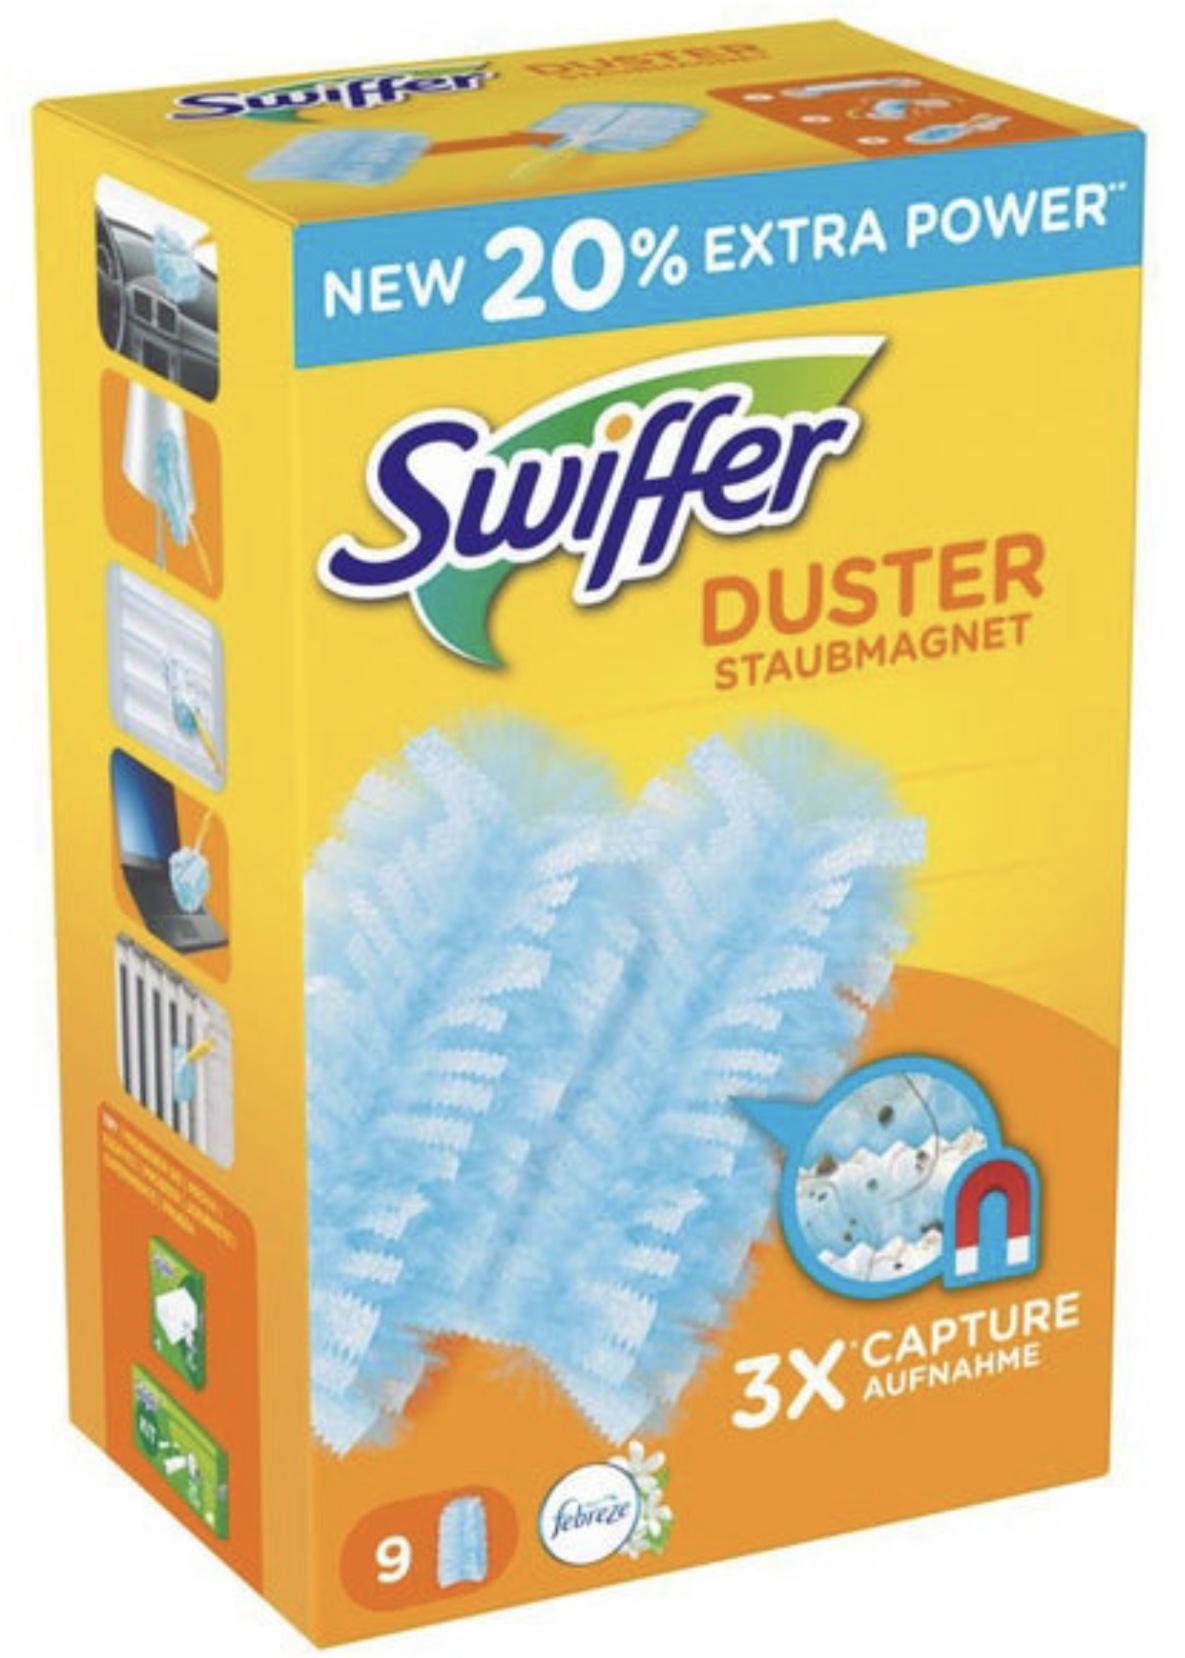 [Rossmann] Swiffer Duster Staubmagnet-Tücher - Durch Gutscheinkombi 9 Stück für € 1,79 (€ 0,199 pro Tuch)